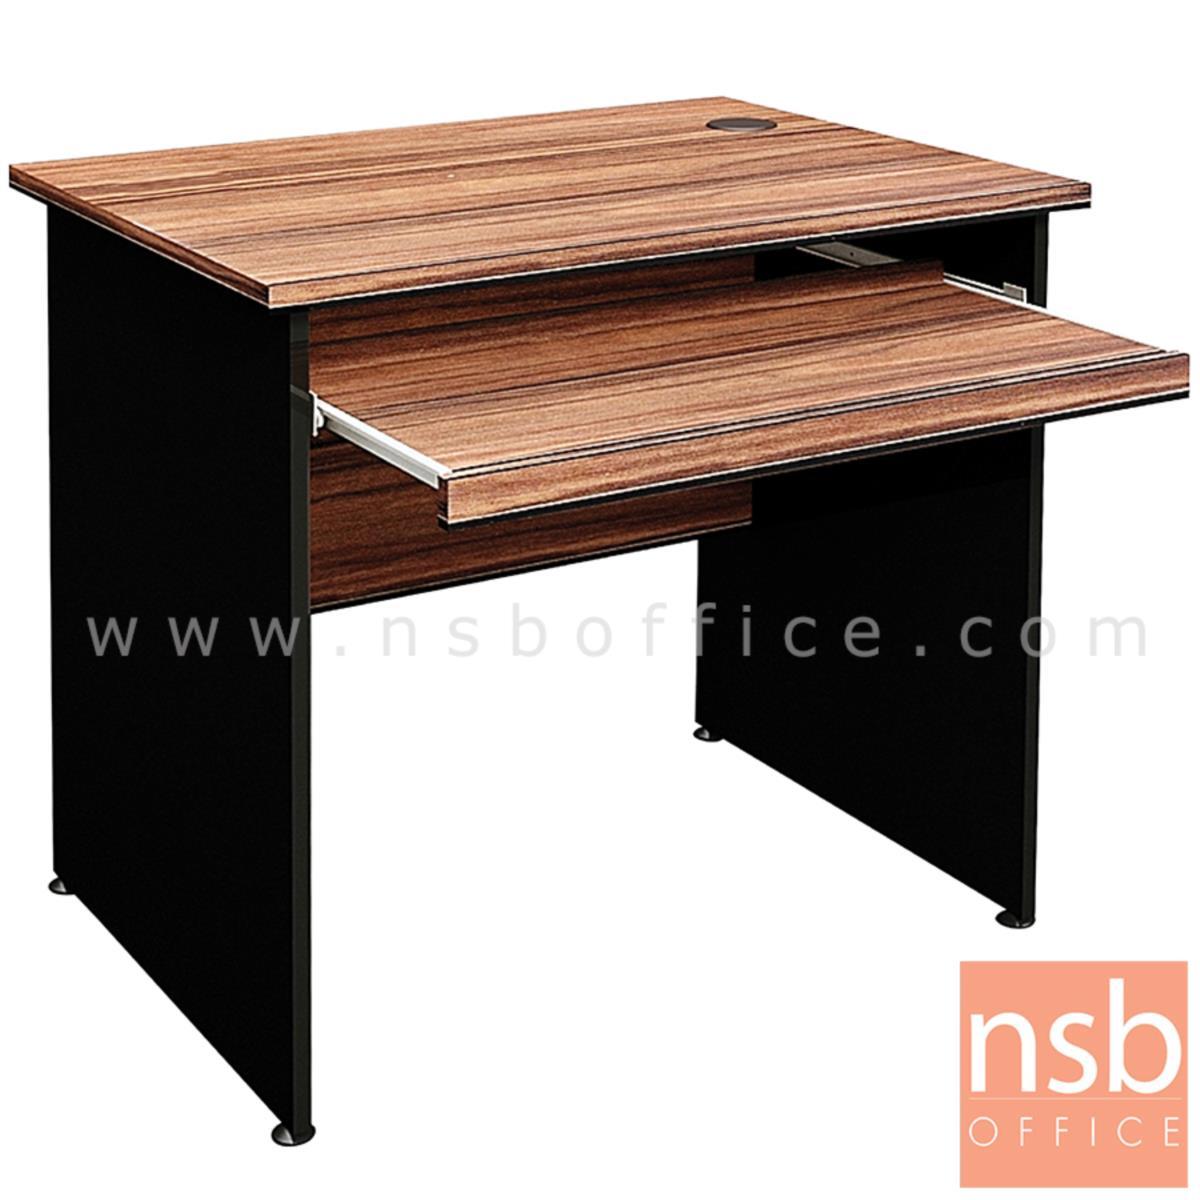 A33A064:โต๊ะคอมพิวเตอร์  รุ่น Berjey (เบอร์เจย์) ขนาด 80W cm. เมลามีน